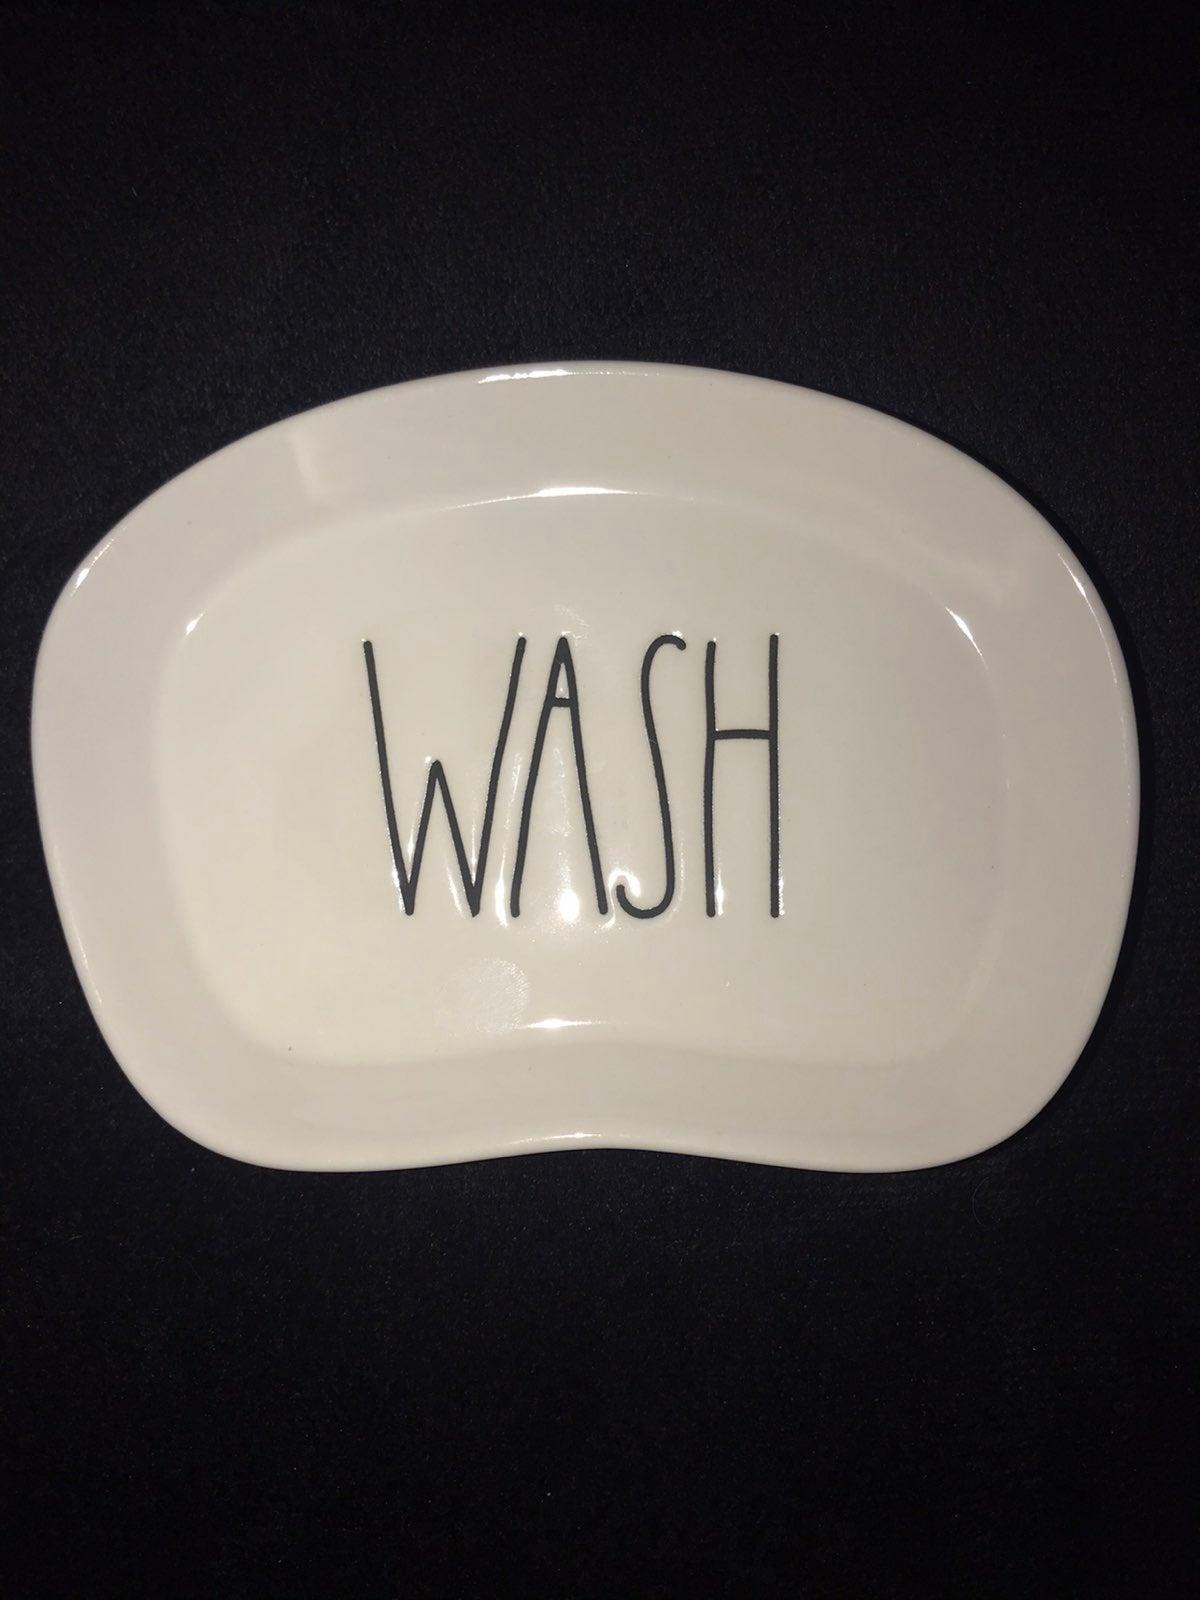 Rae Dunn Wash Soap Dish